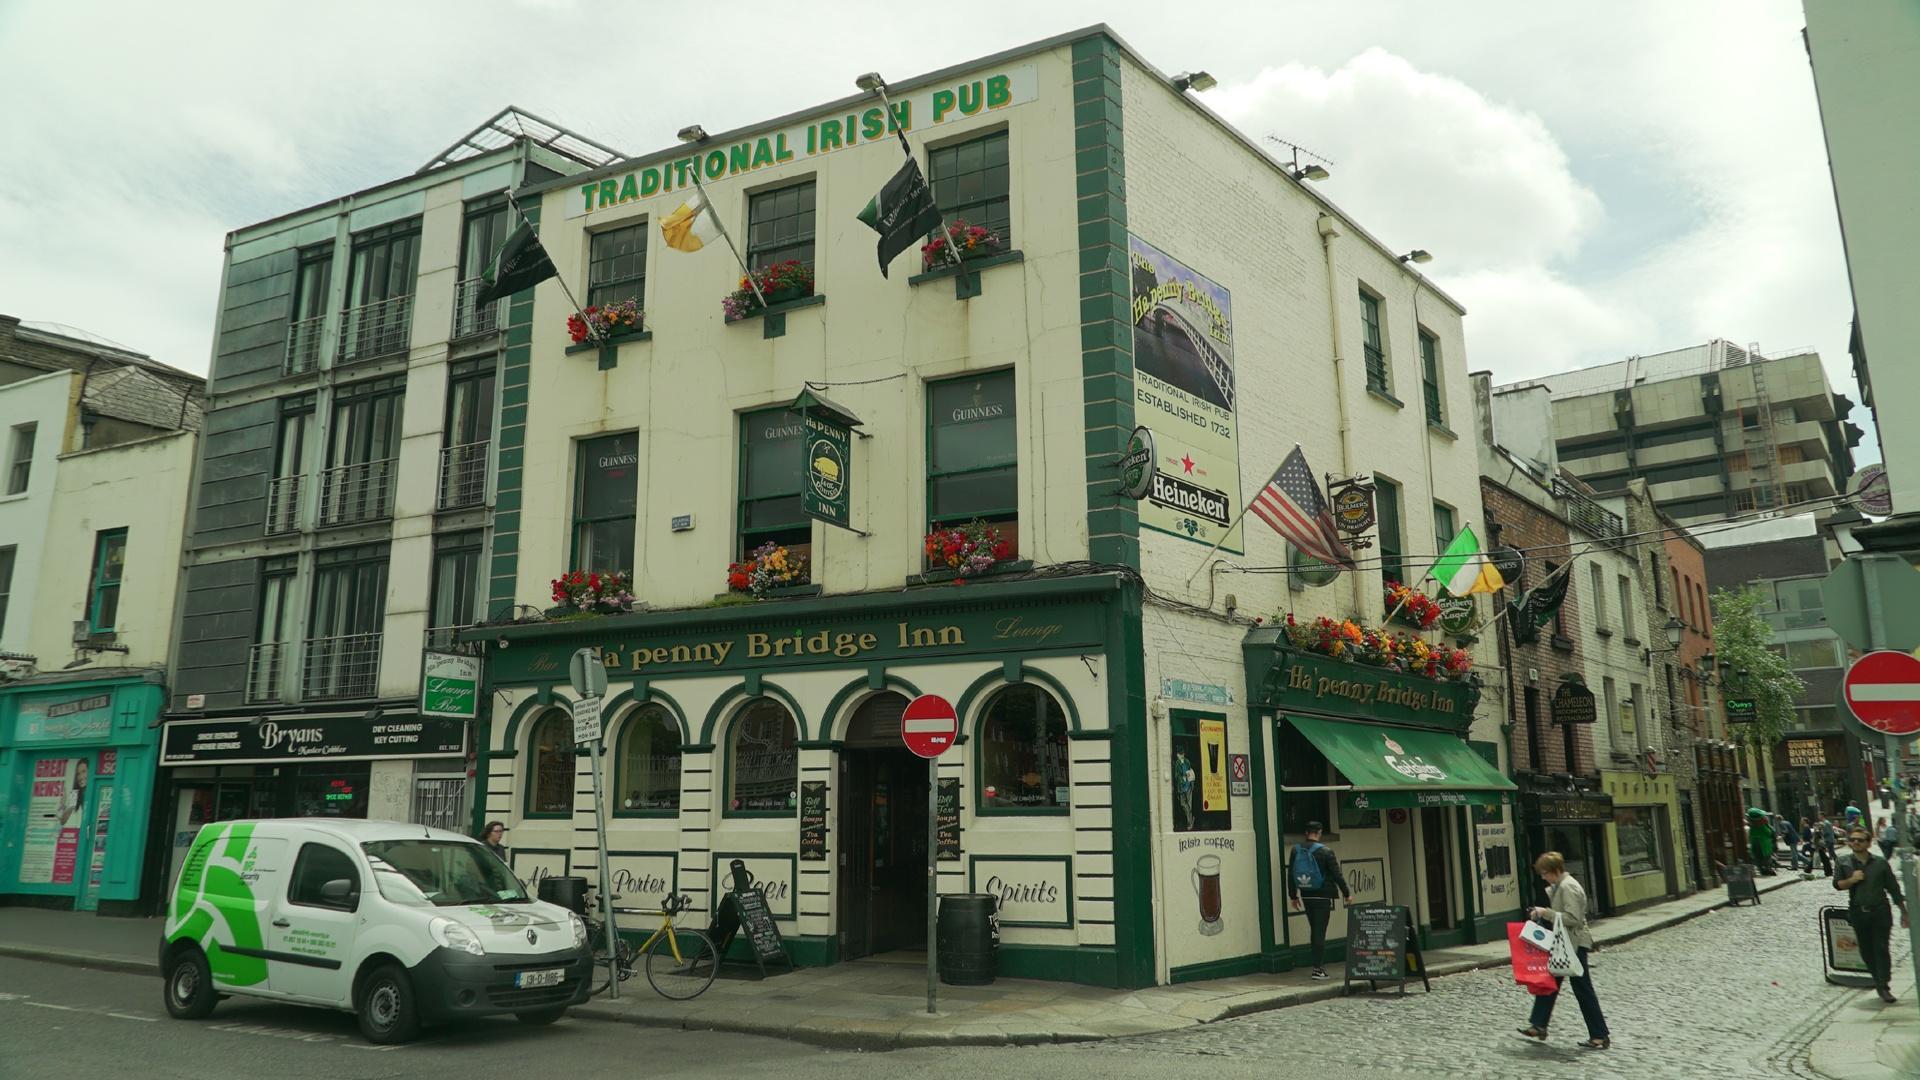 Curious Dublin Pubs